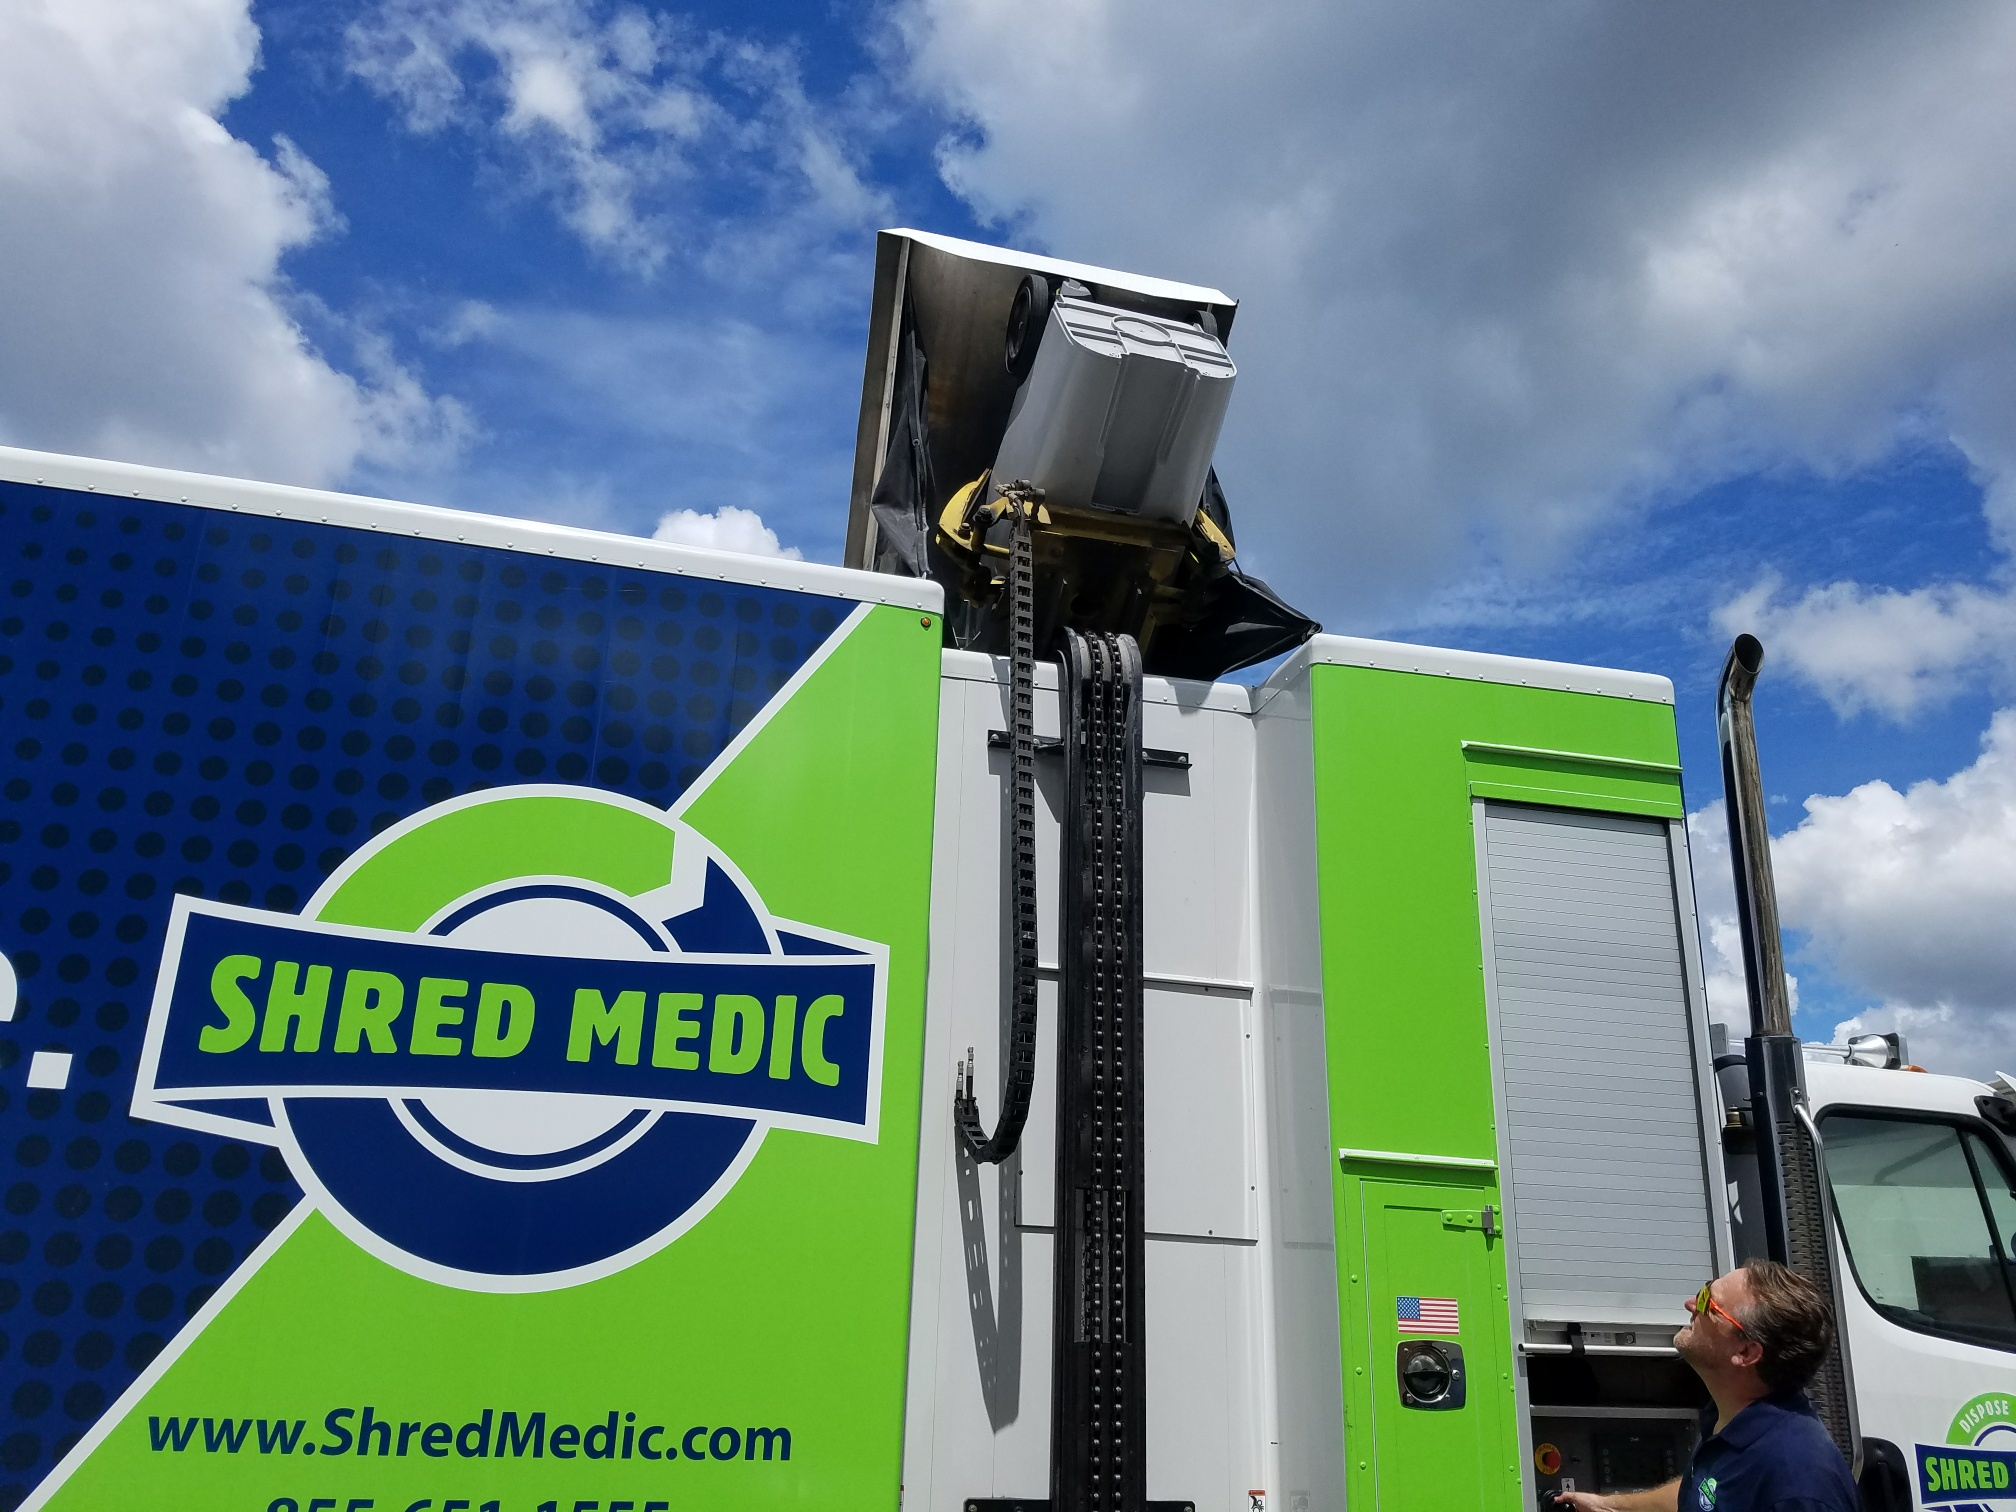 Shred Medic